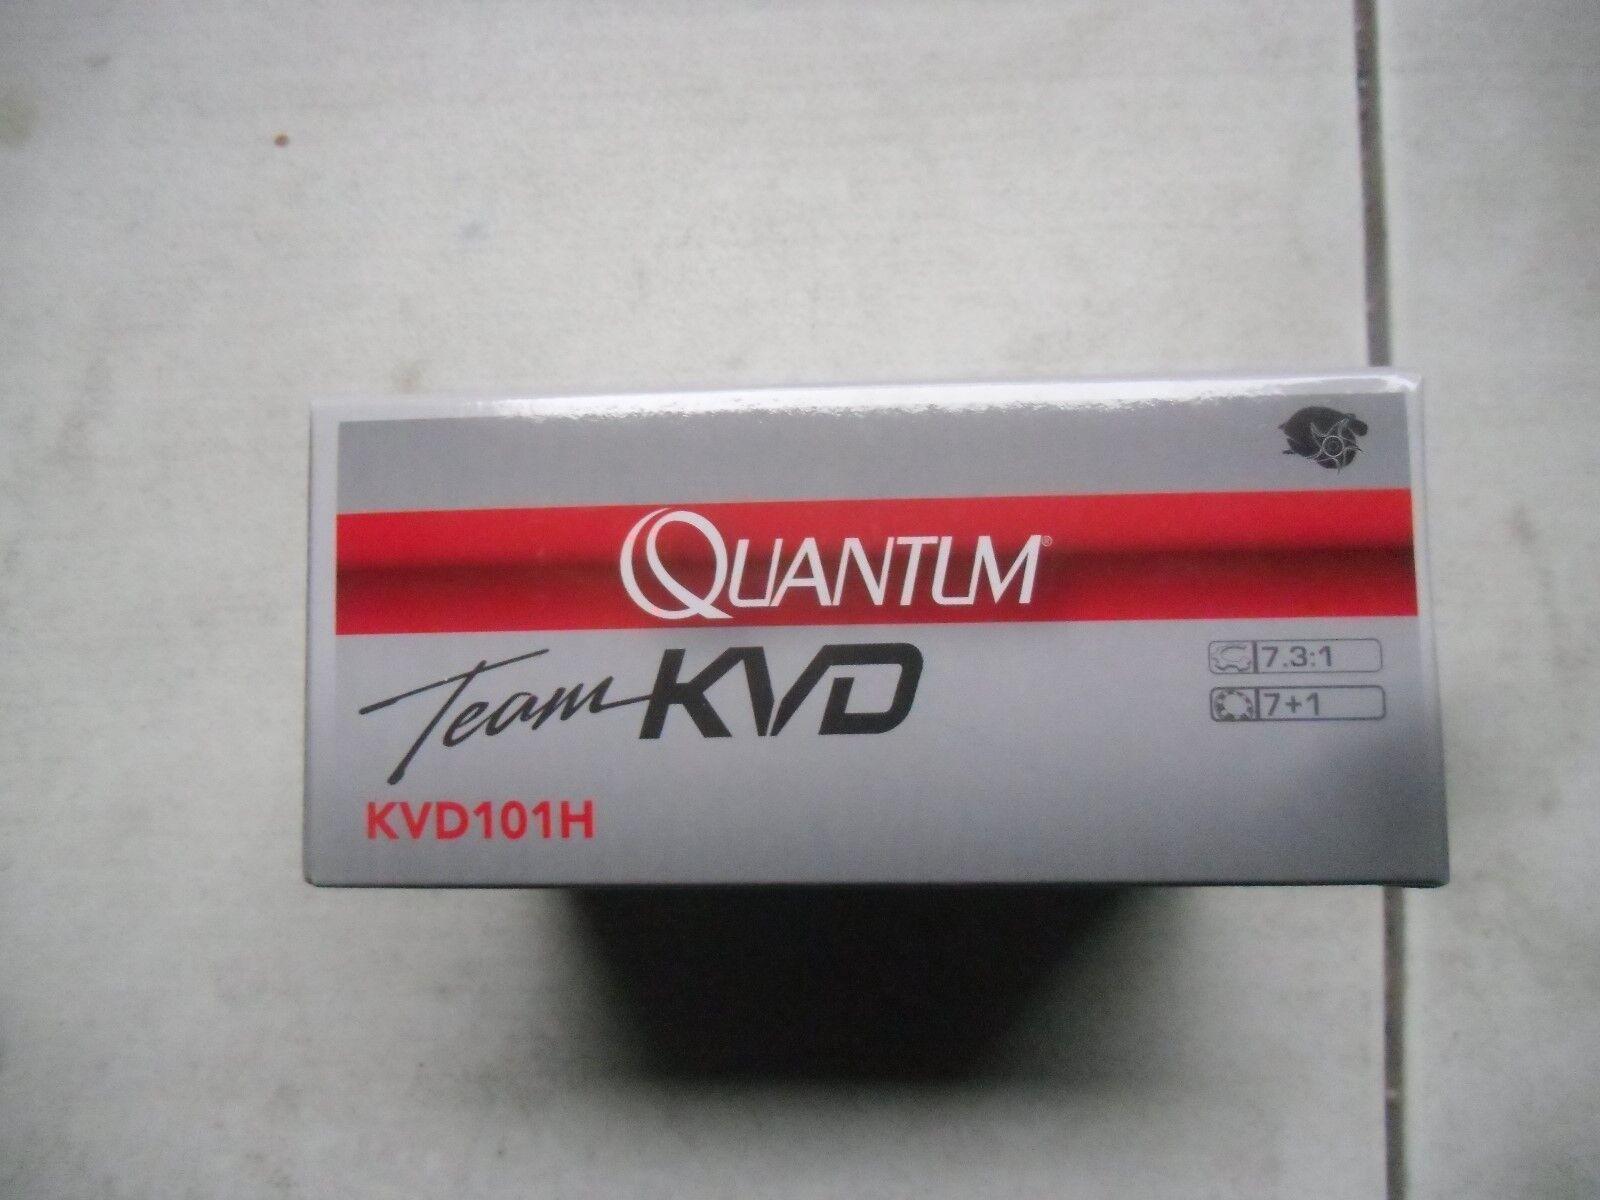 QUANTUM TEAM KVD KVD101H 7.3:1 8 BEARING LEFT HAND BAITCAST REEL BOXED NEW